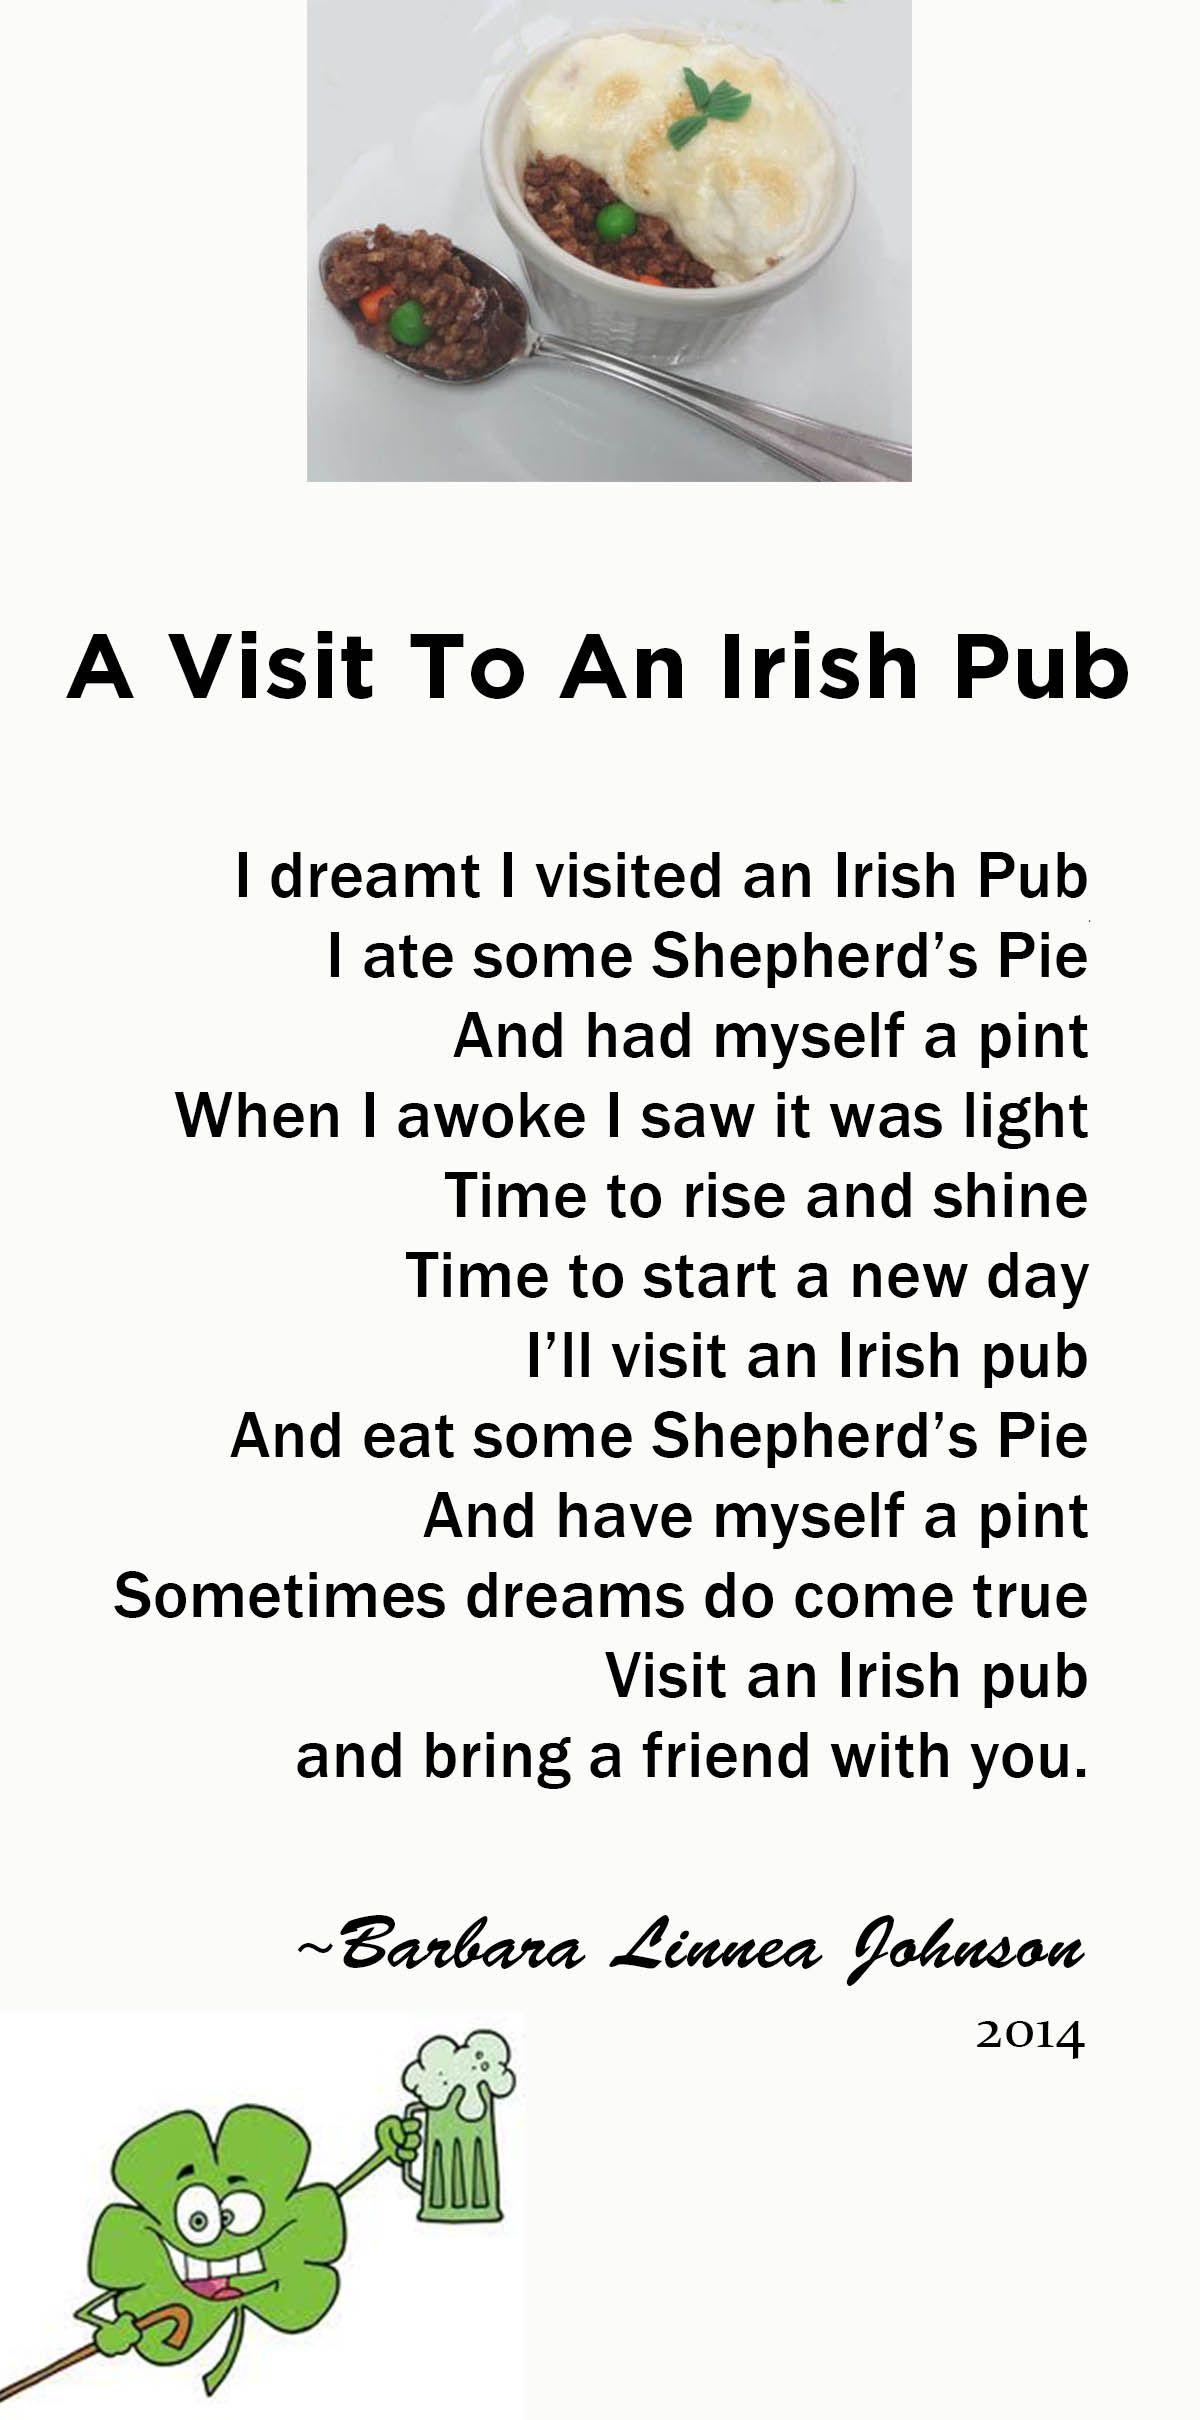 a visit to an irish pub an original poem by barbara linnea